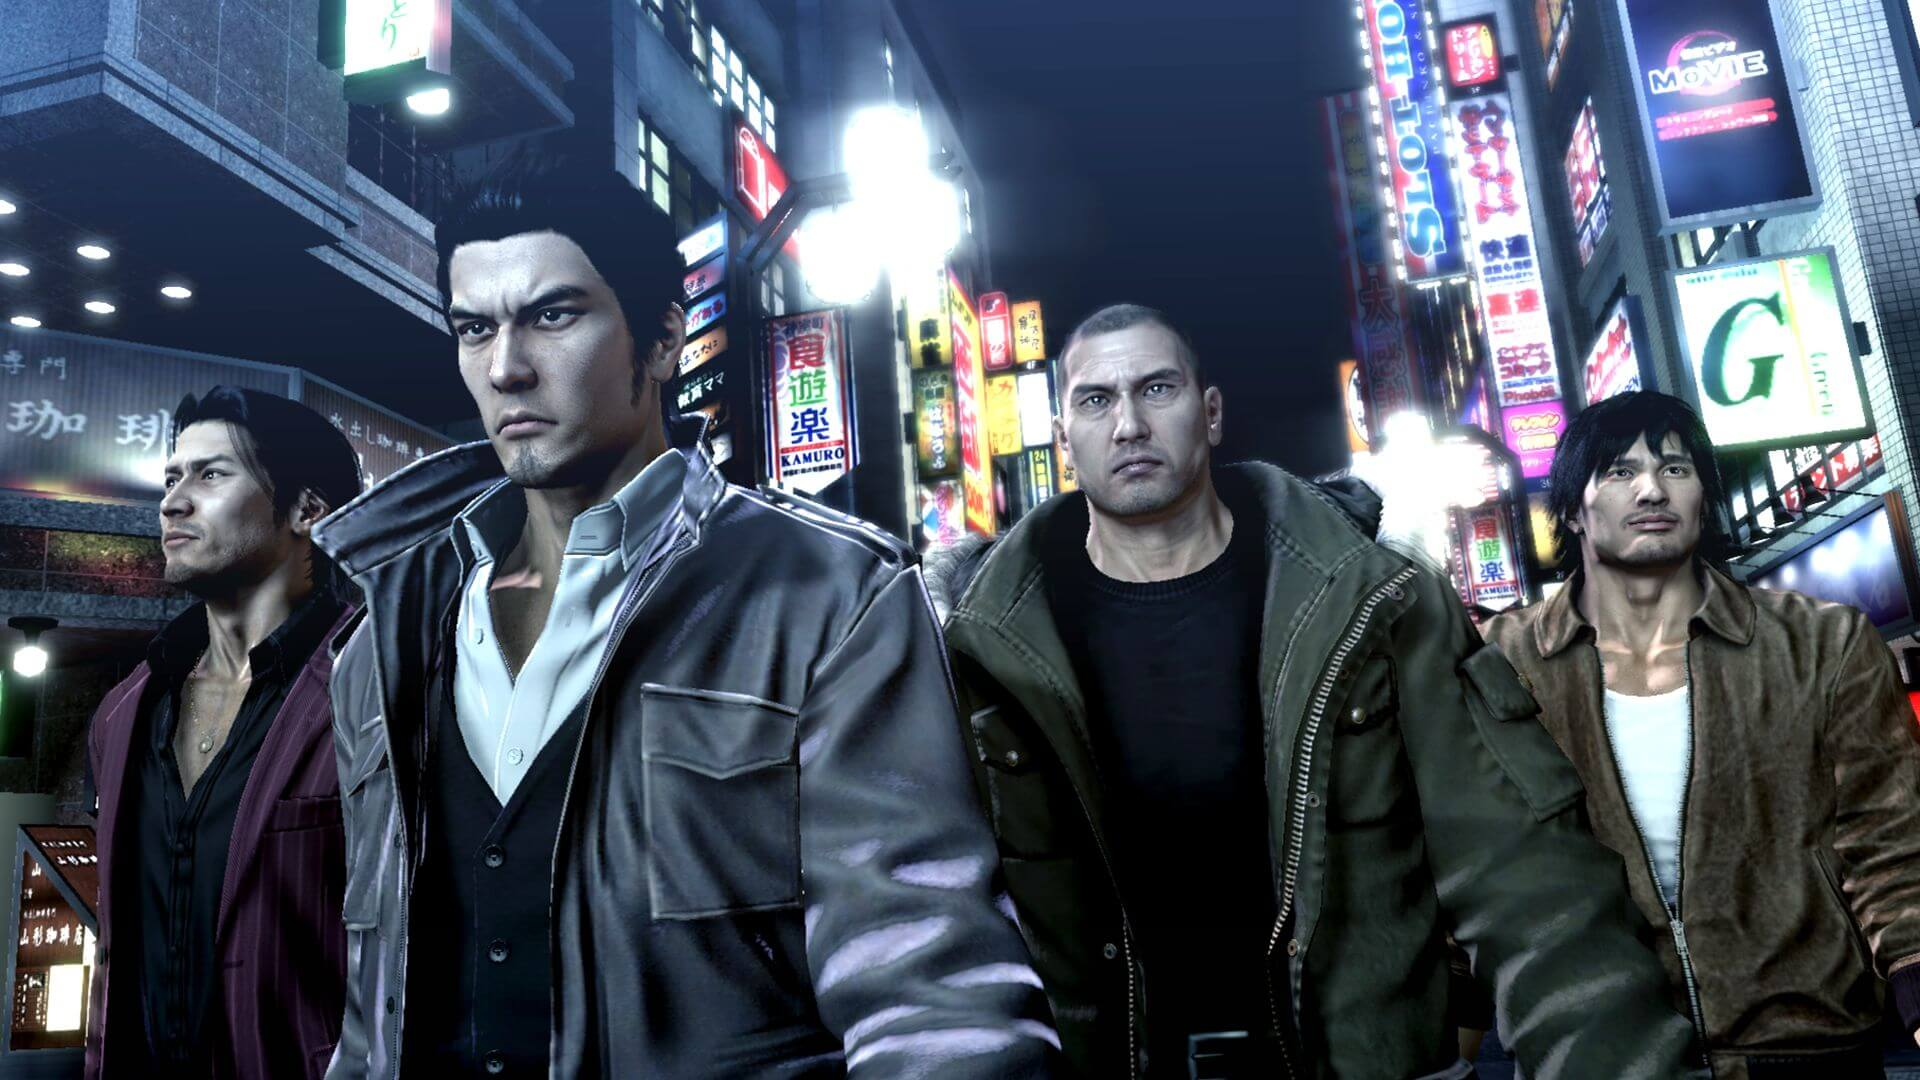 SEGA et SONY ENTERTAINMENT s'associent pour le lancement de Yakuza 5 en Occident